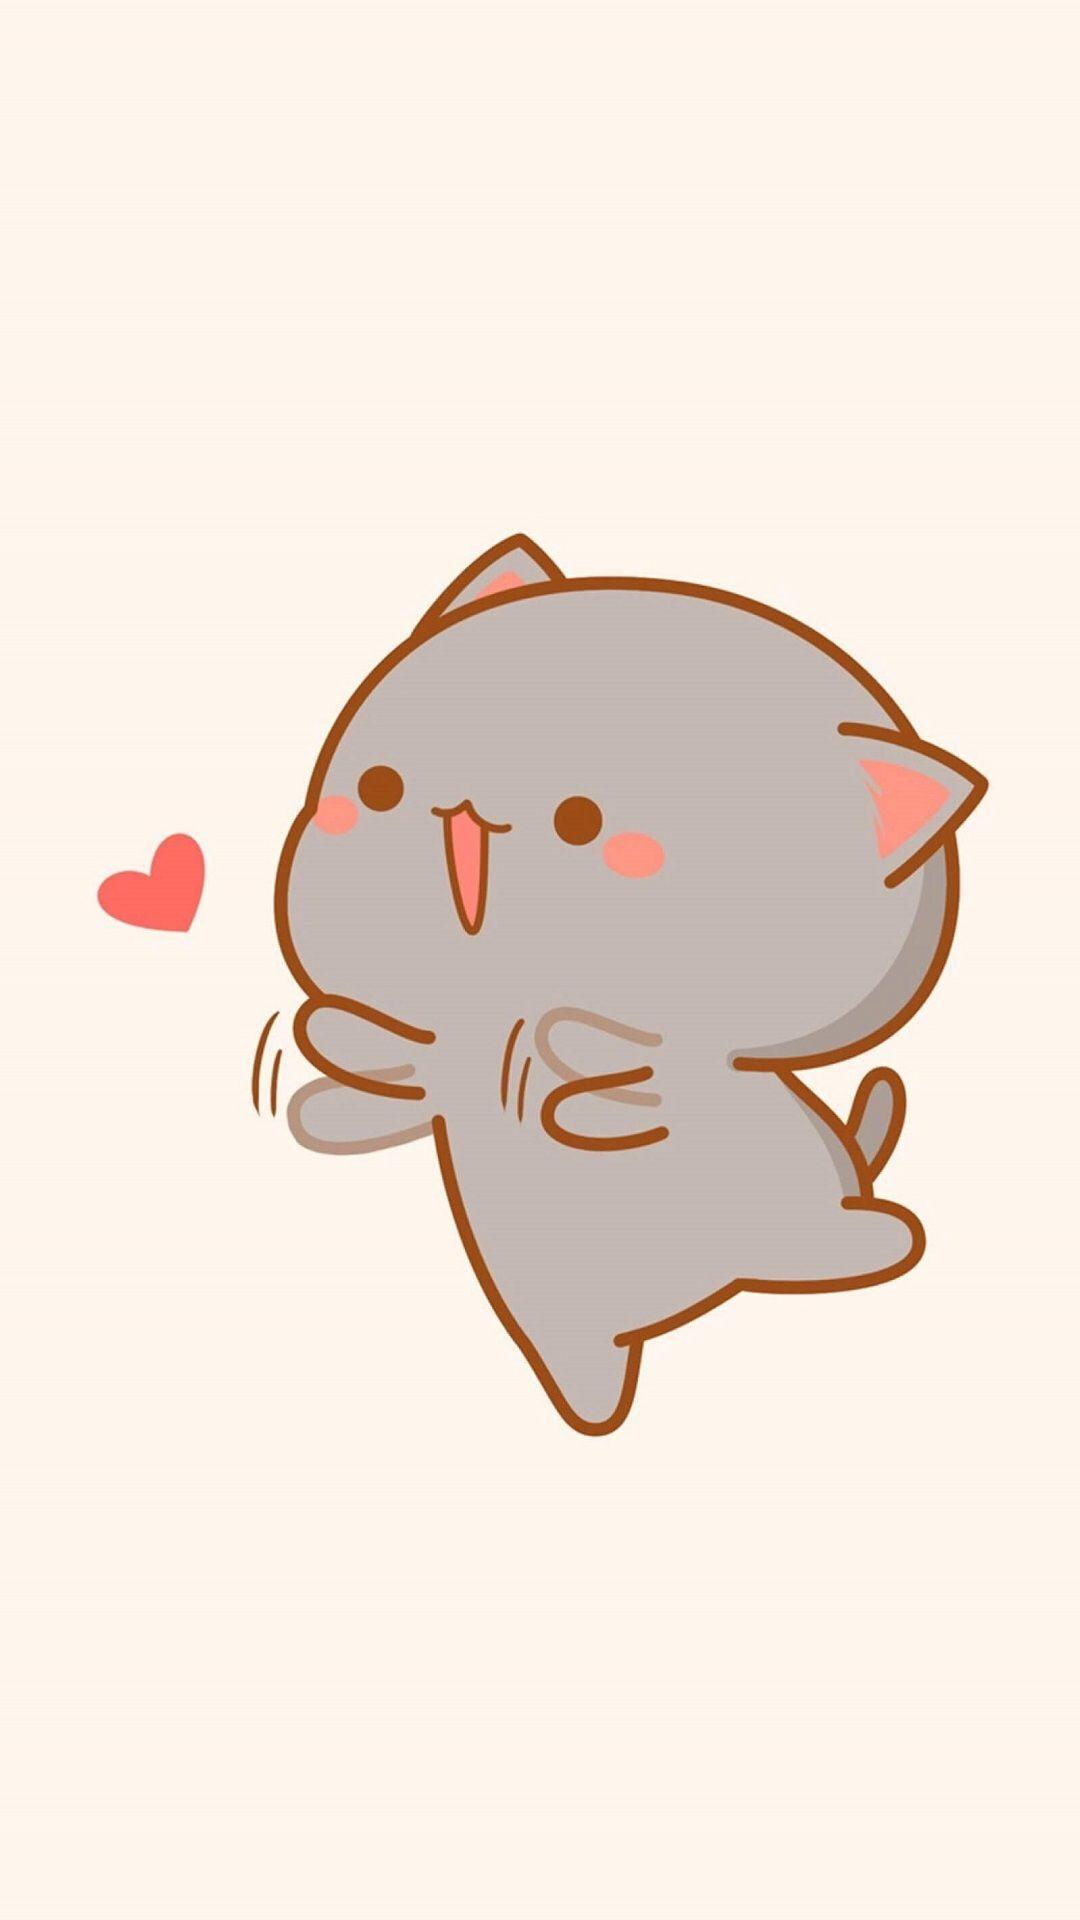 Cute Kawaii Wallpapers Note 20 Iphone 12 In 2020 Cute Cartoon Wallpapers Kawaii Wallpaper Cute Couple Wallpaper